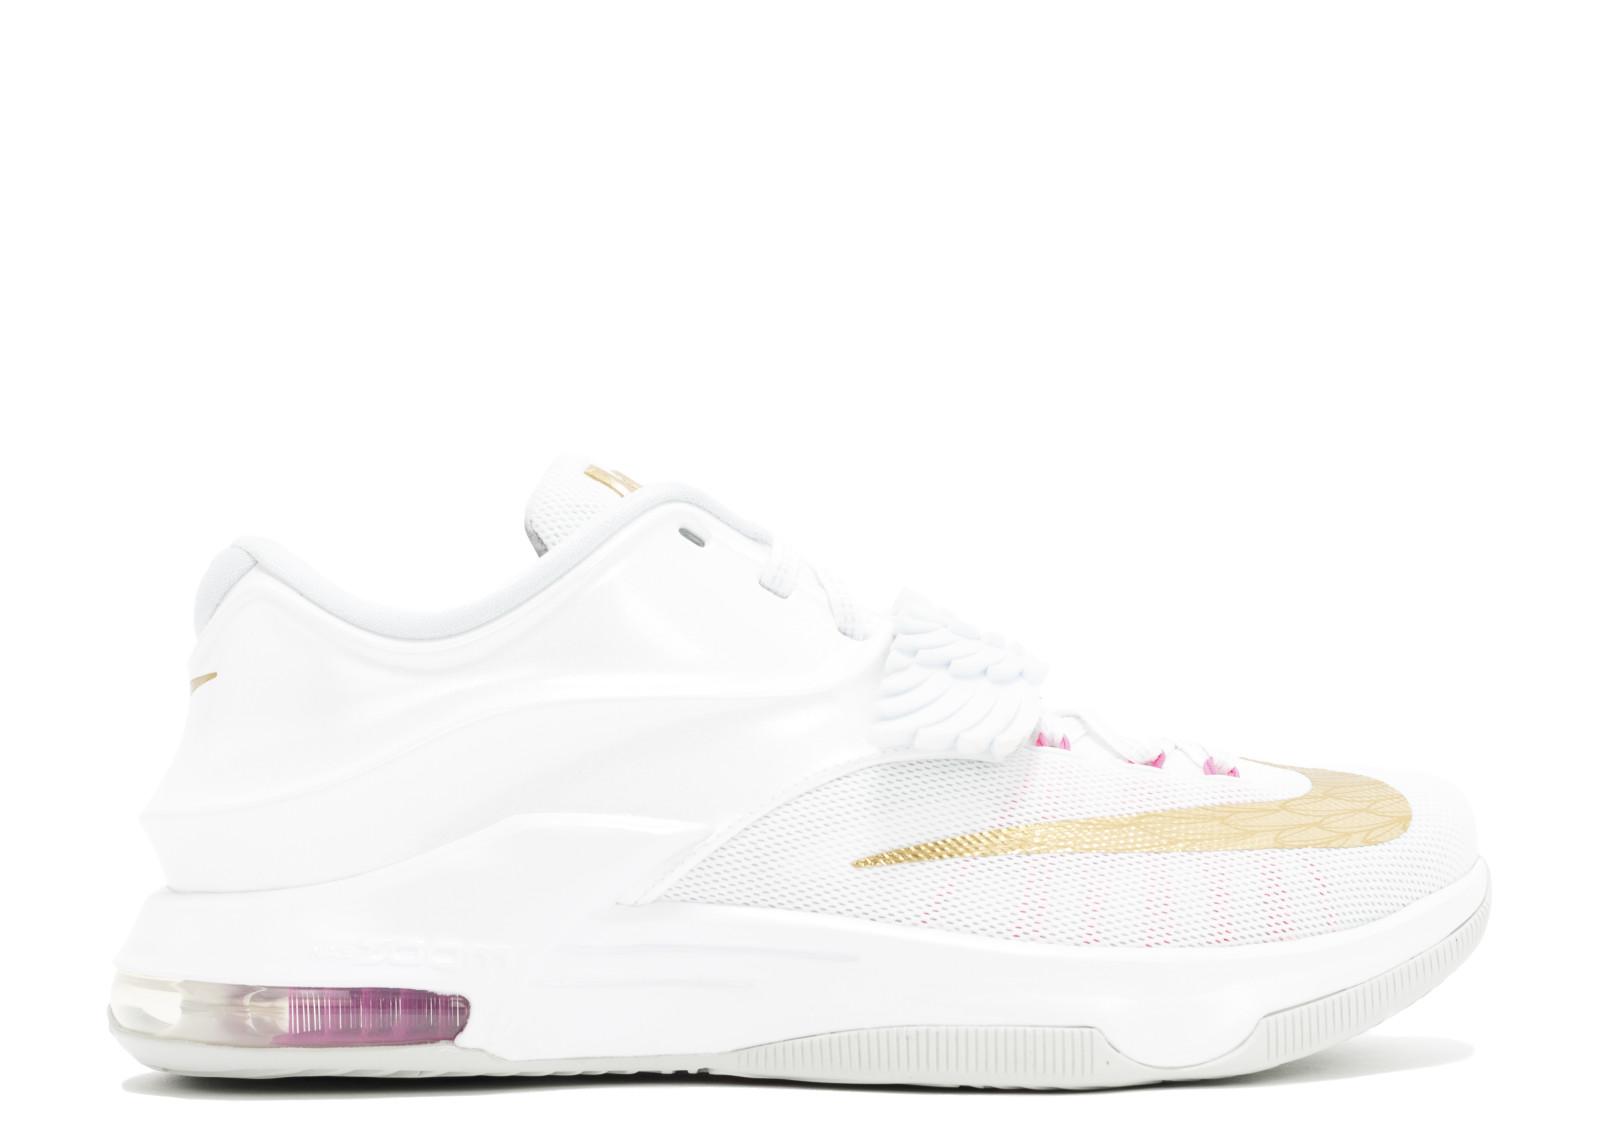 ナイキ パール メンズ 男性用 スニーカー メンズ靴 靴 【 NIKE KD 7 PRM AUNT PEARL WHITE MTLLC GLDPNK PWPR PLTN 】